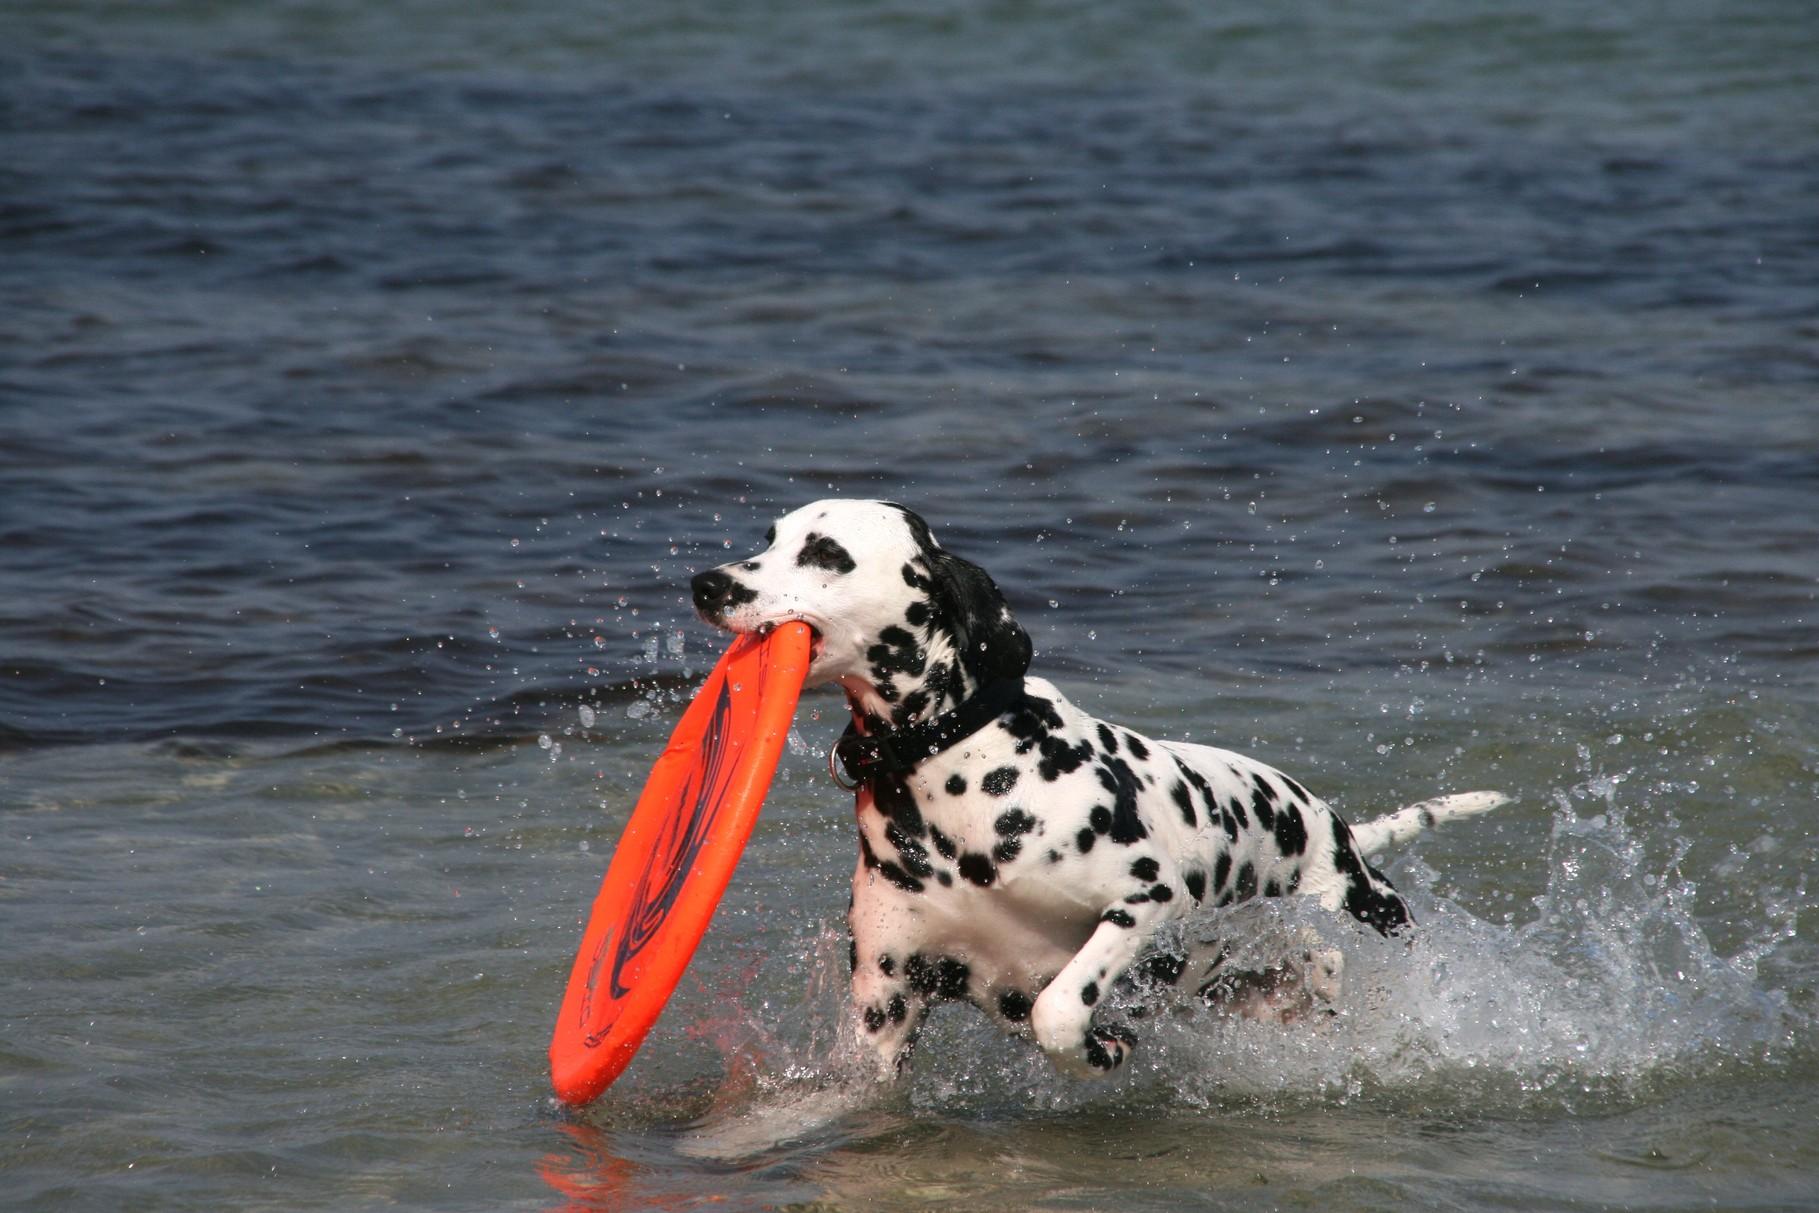 ... um mein Spielzeug aus dem Wasser zu fischen.